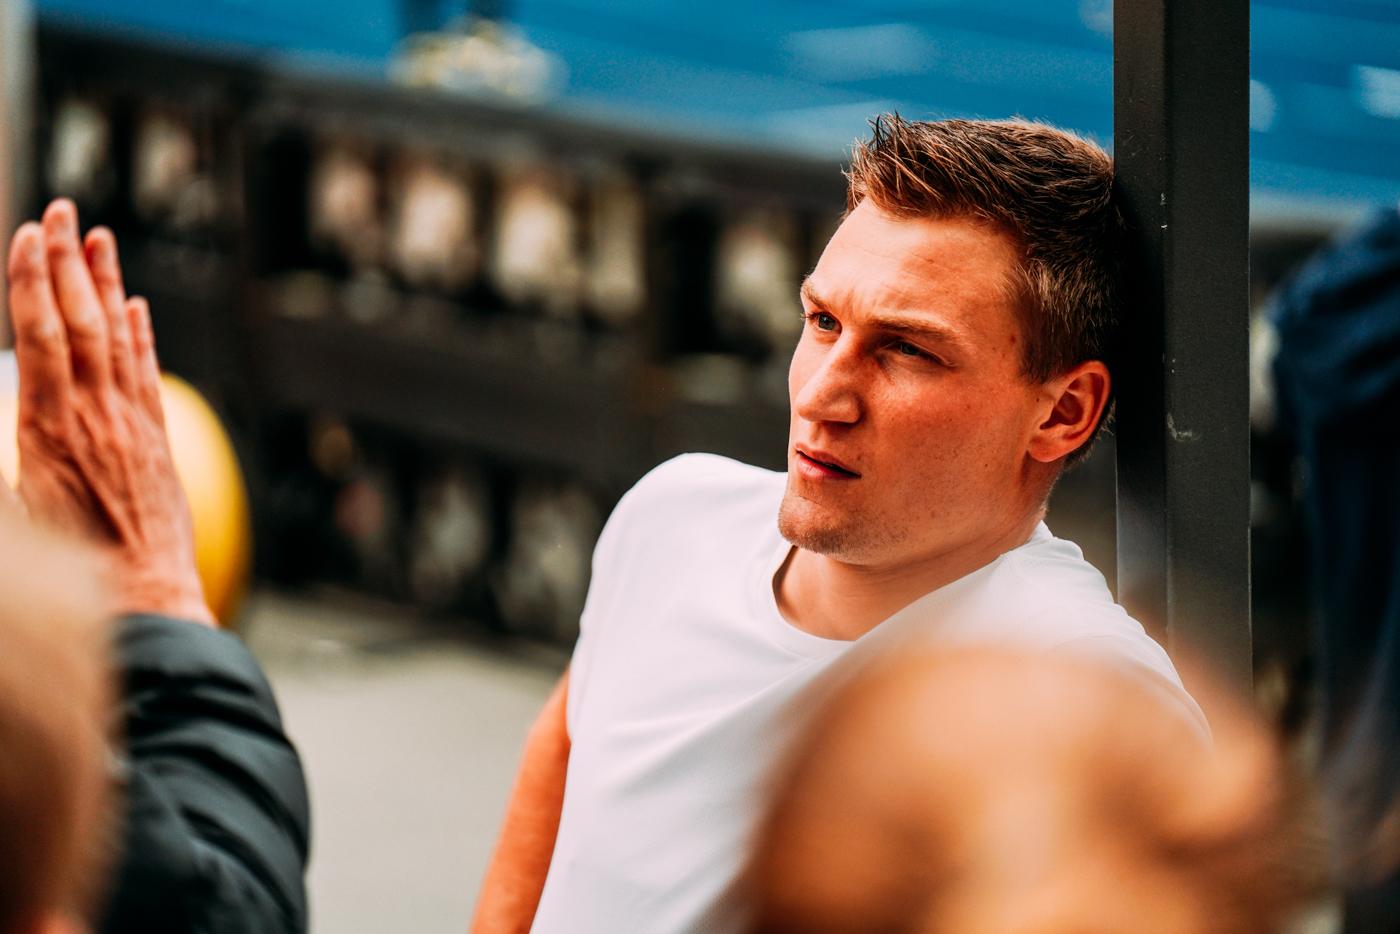 Thomas Röhler Speerwerfer 2018 konzentriert sich